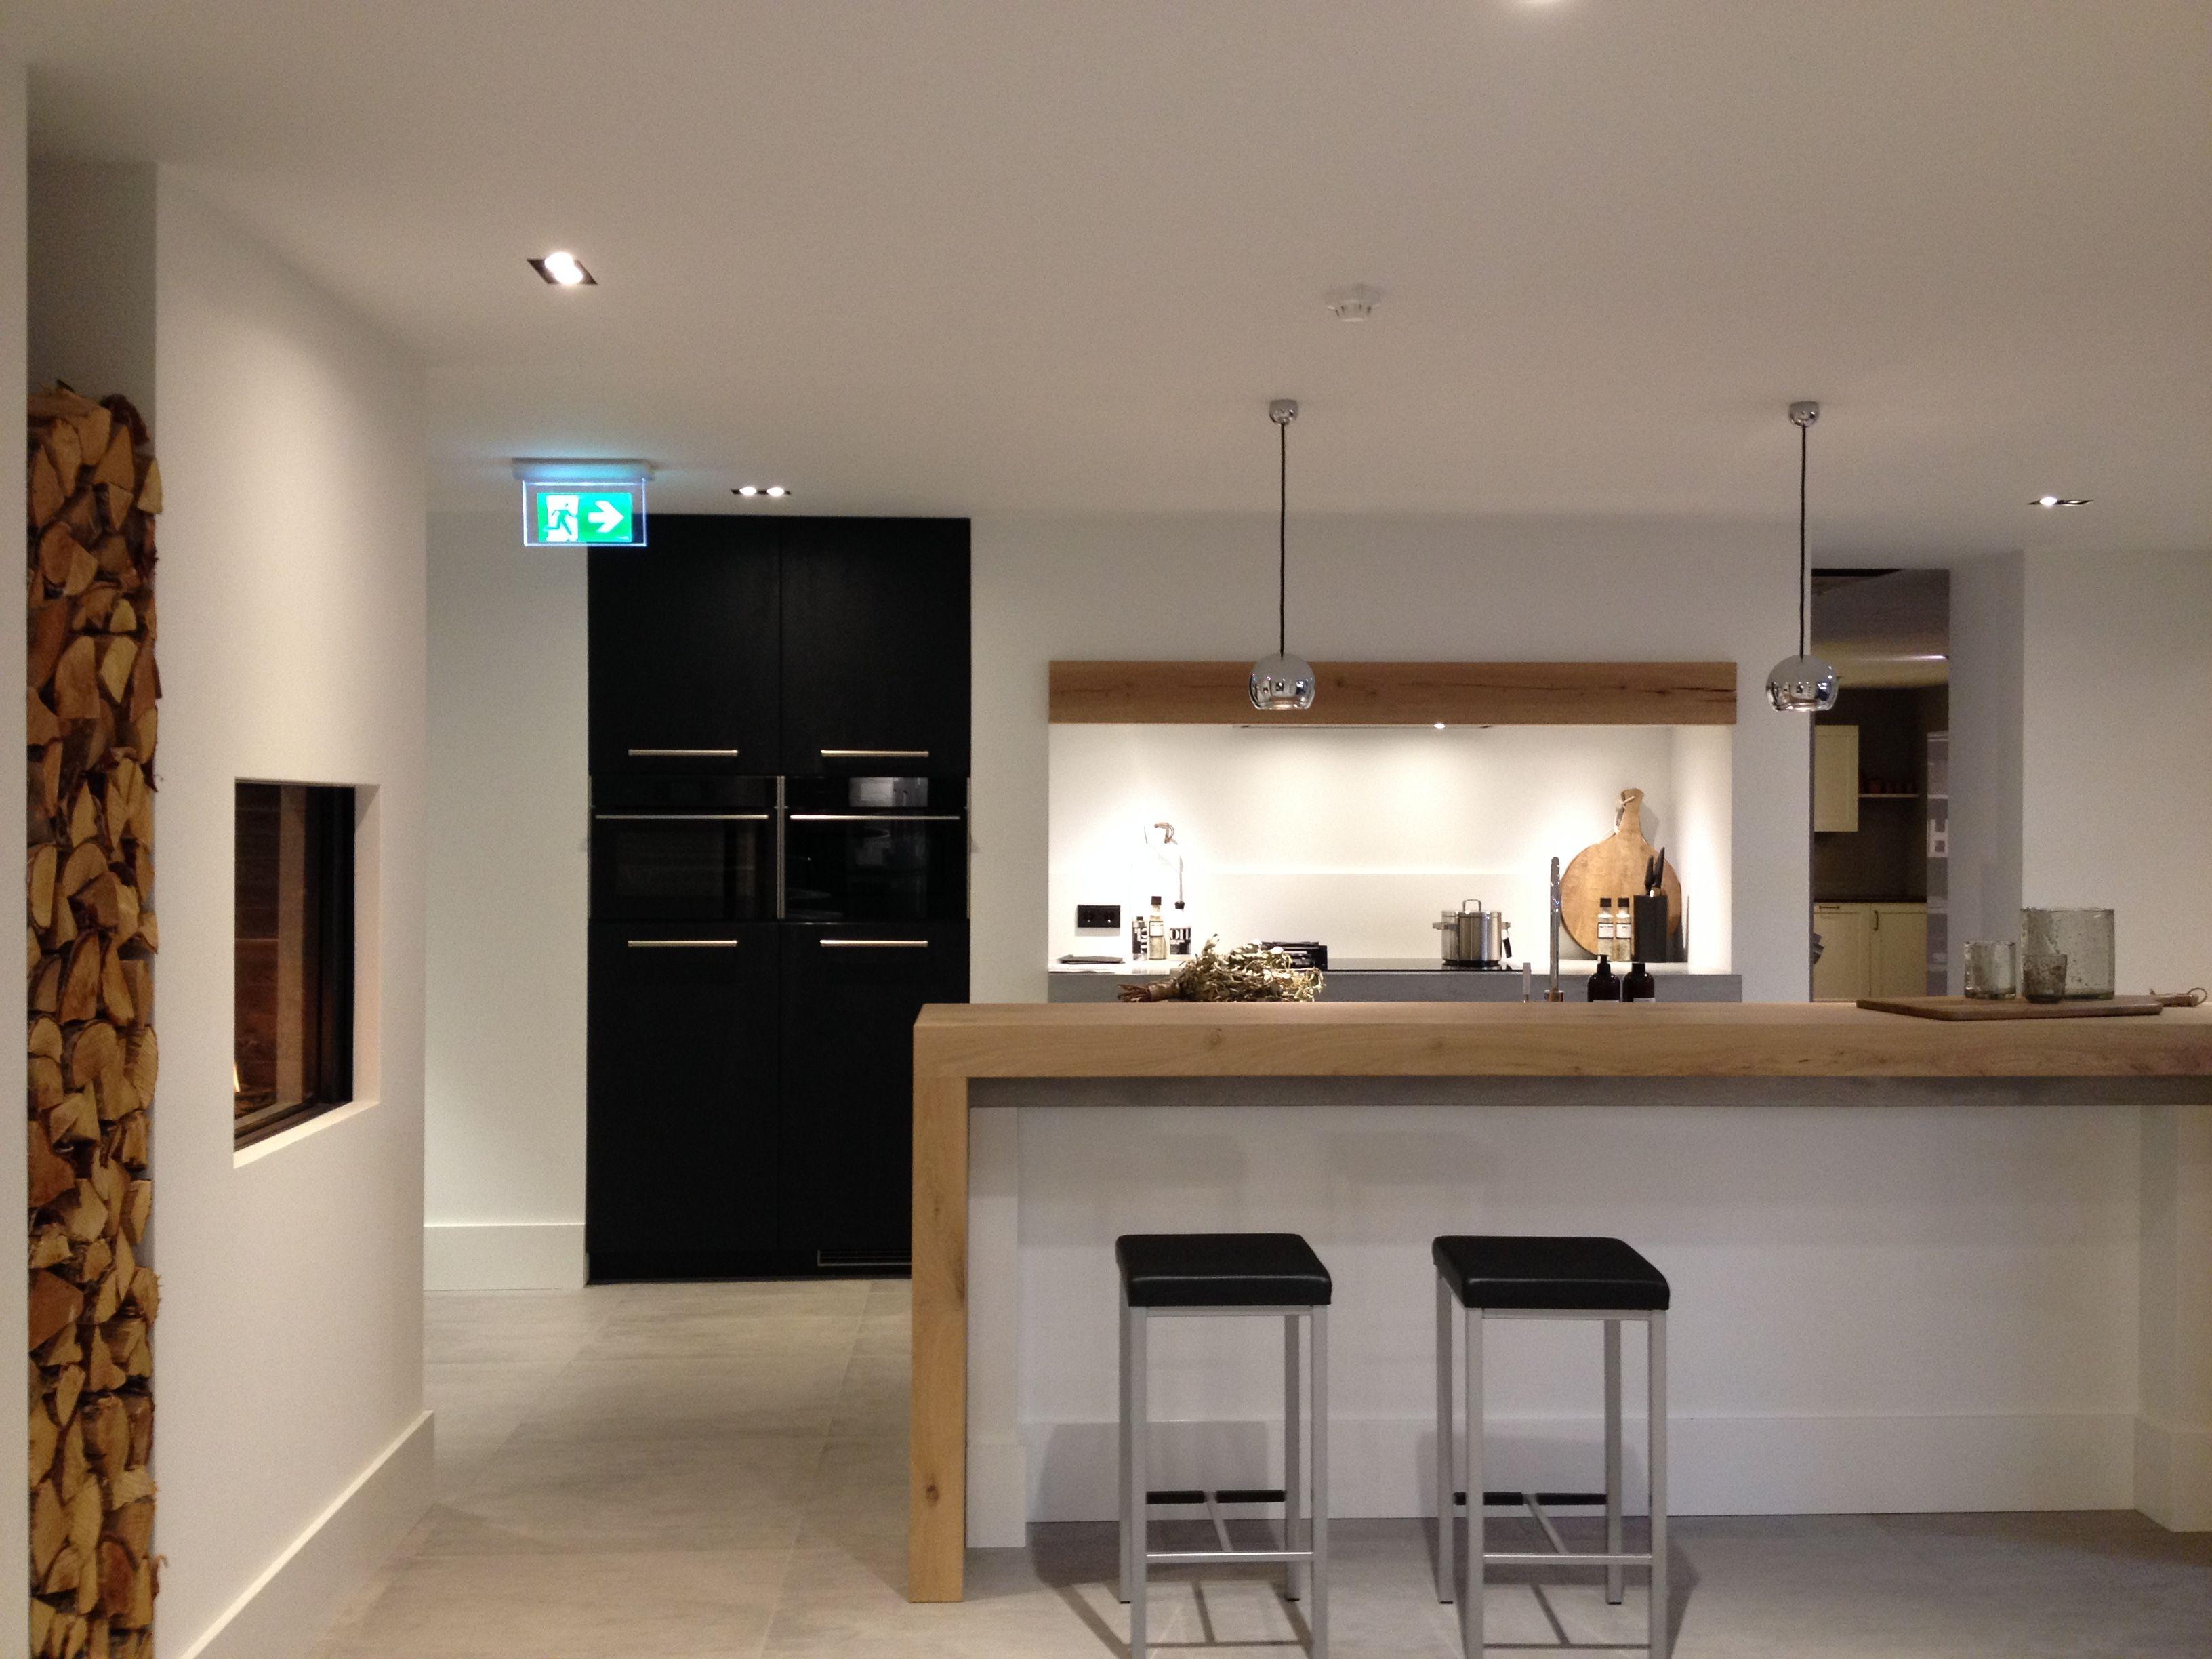 Werkblad Keuken Hout : Robuurste lifestyle keuken met een werkblad van beton en een bar